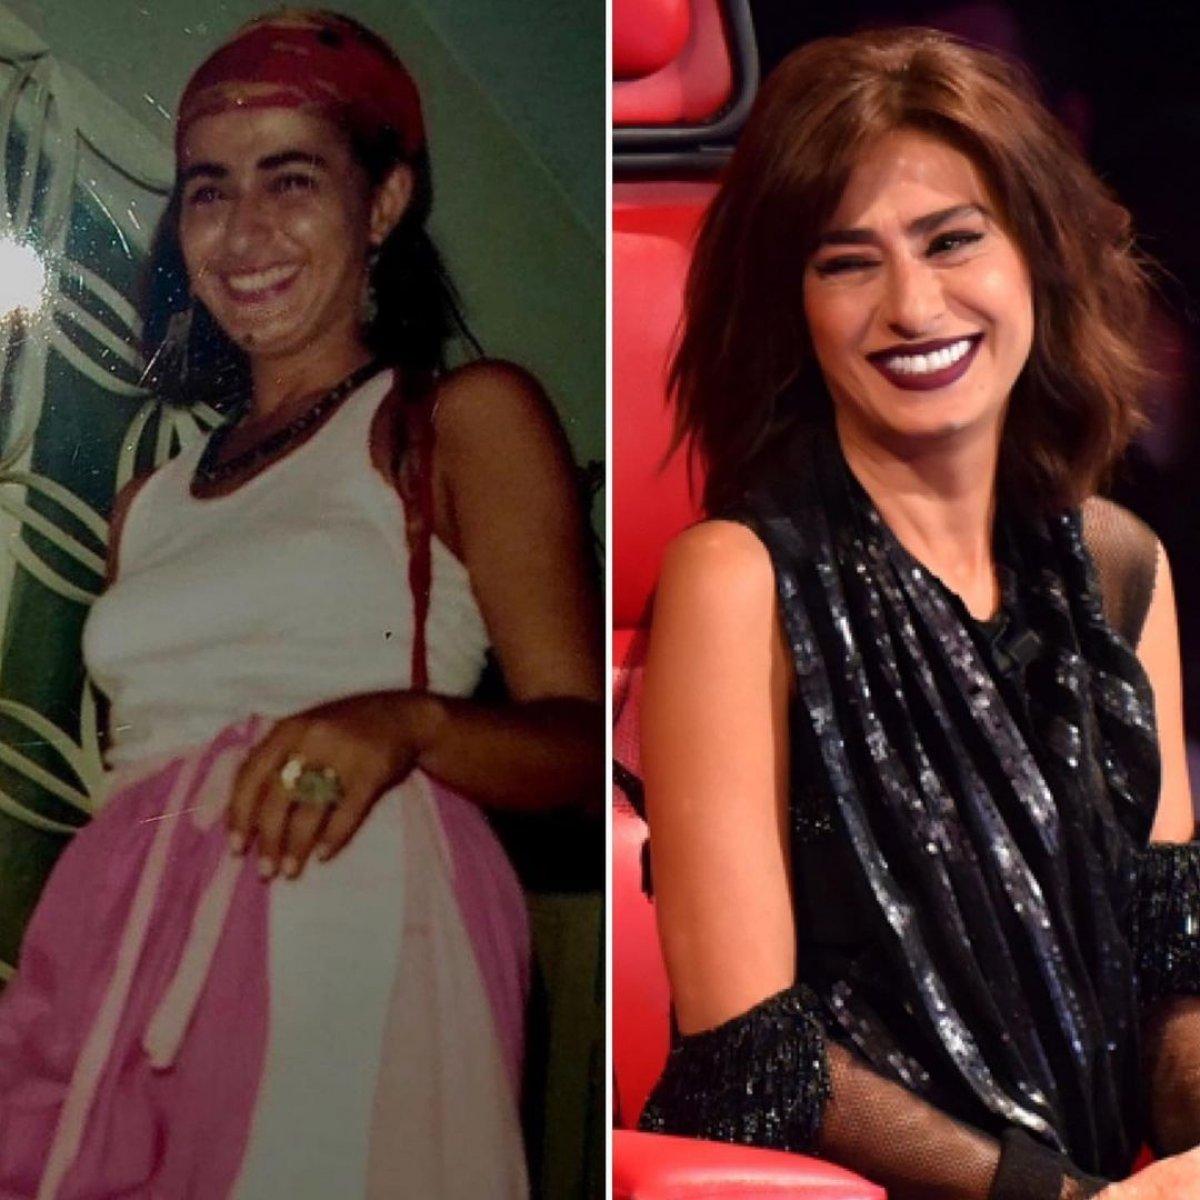 Yıldız Tilbe nin gençliğini Nesrin Cavadzade ye benzettiler #1